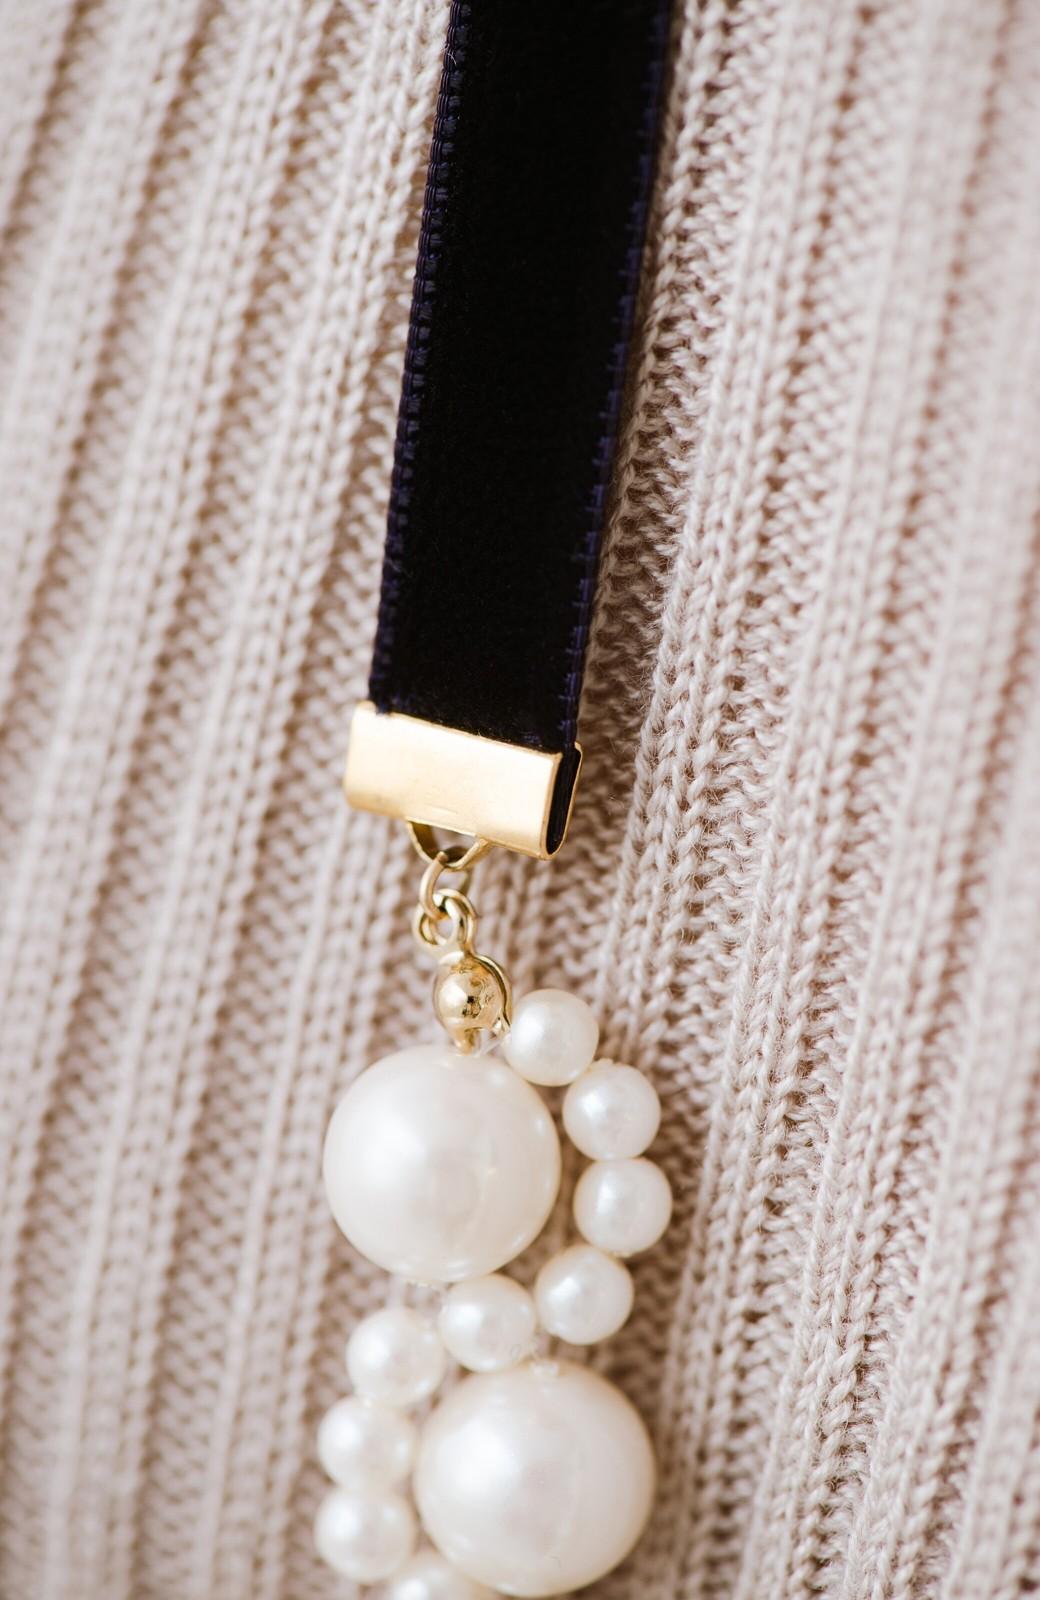 haco! ぱっとつけてぐっと華やぐ 結婚式にも便利なプラパールの編み込みネックレス <ネイビー>の商品写真13